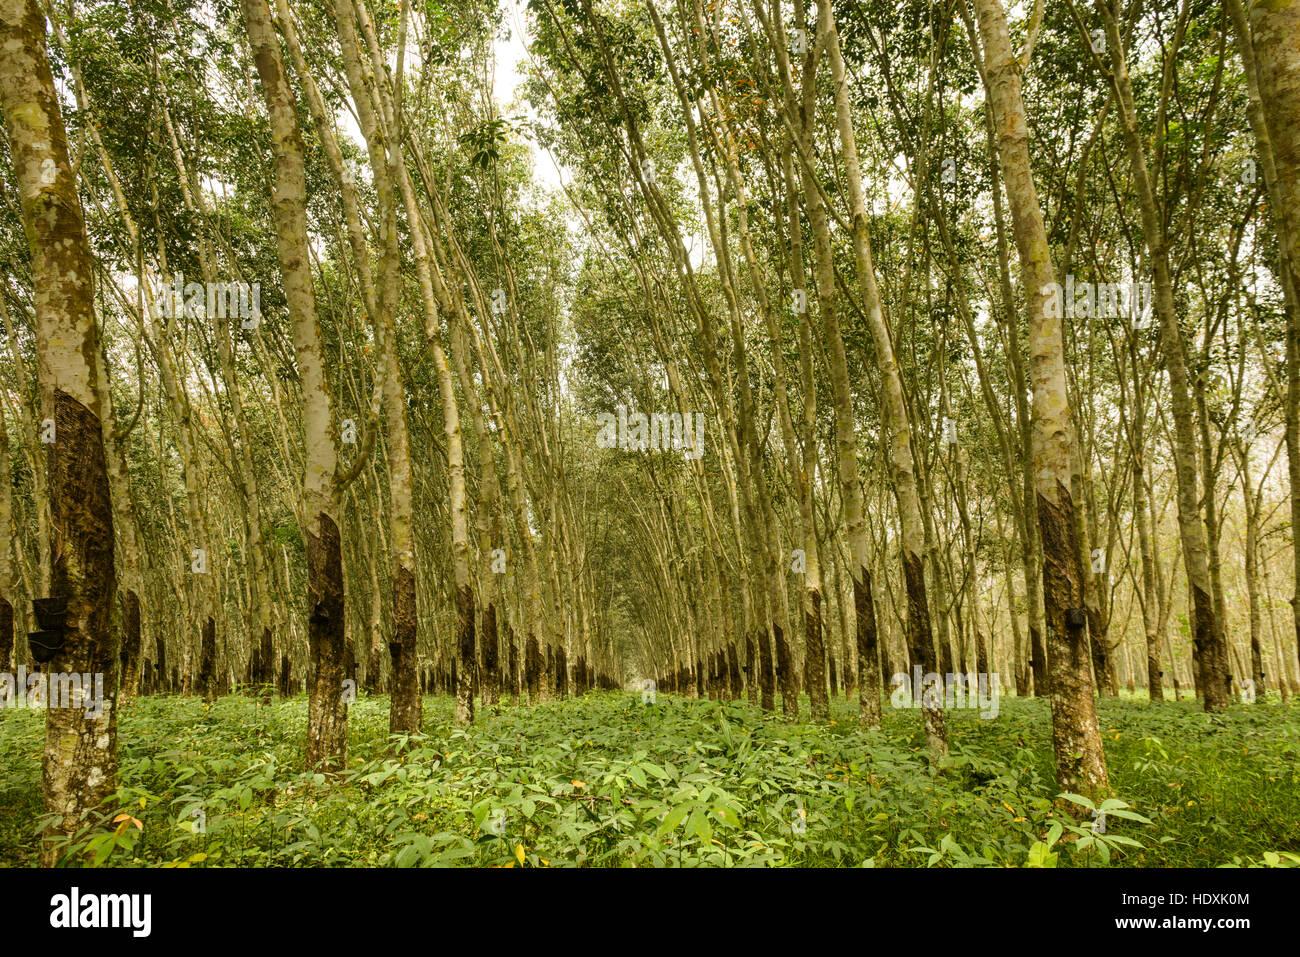 Las plantaciones de árboles de caucho, Costa de Marfil Imagen De Stock